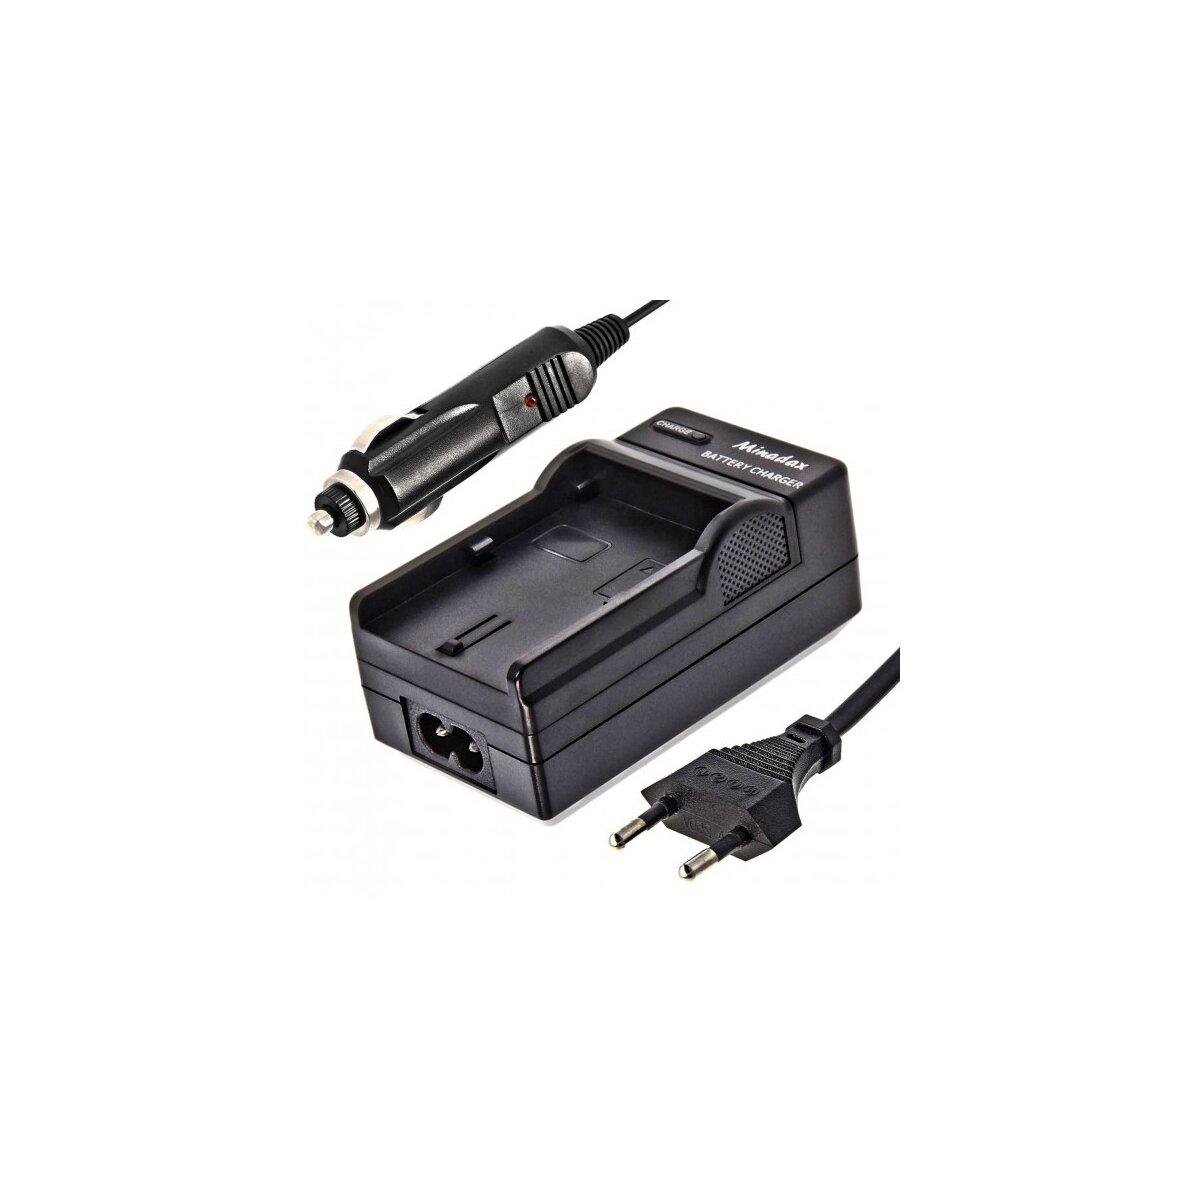 Minadax® Ladegeraet 100% kompatibel fuer Canon LP-E6 inkl. Auto Ladekabel, Ladeschale austauschbar